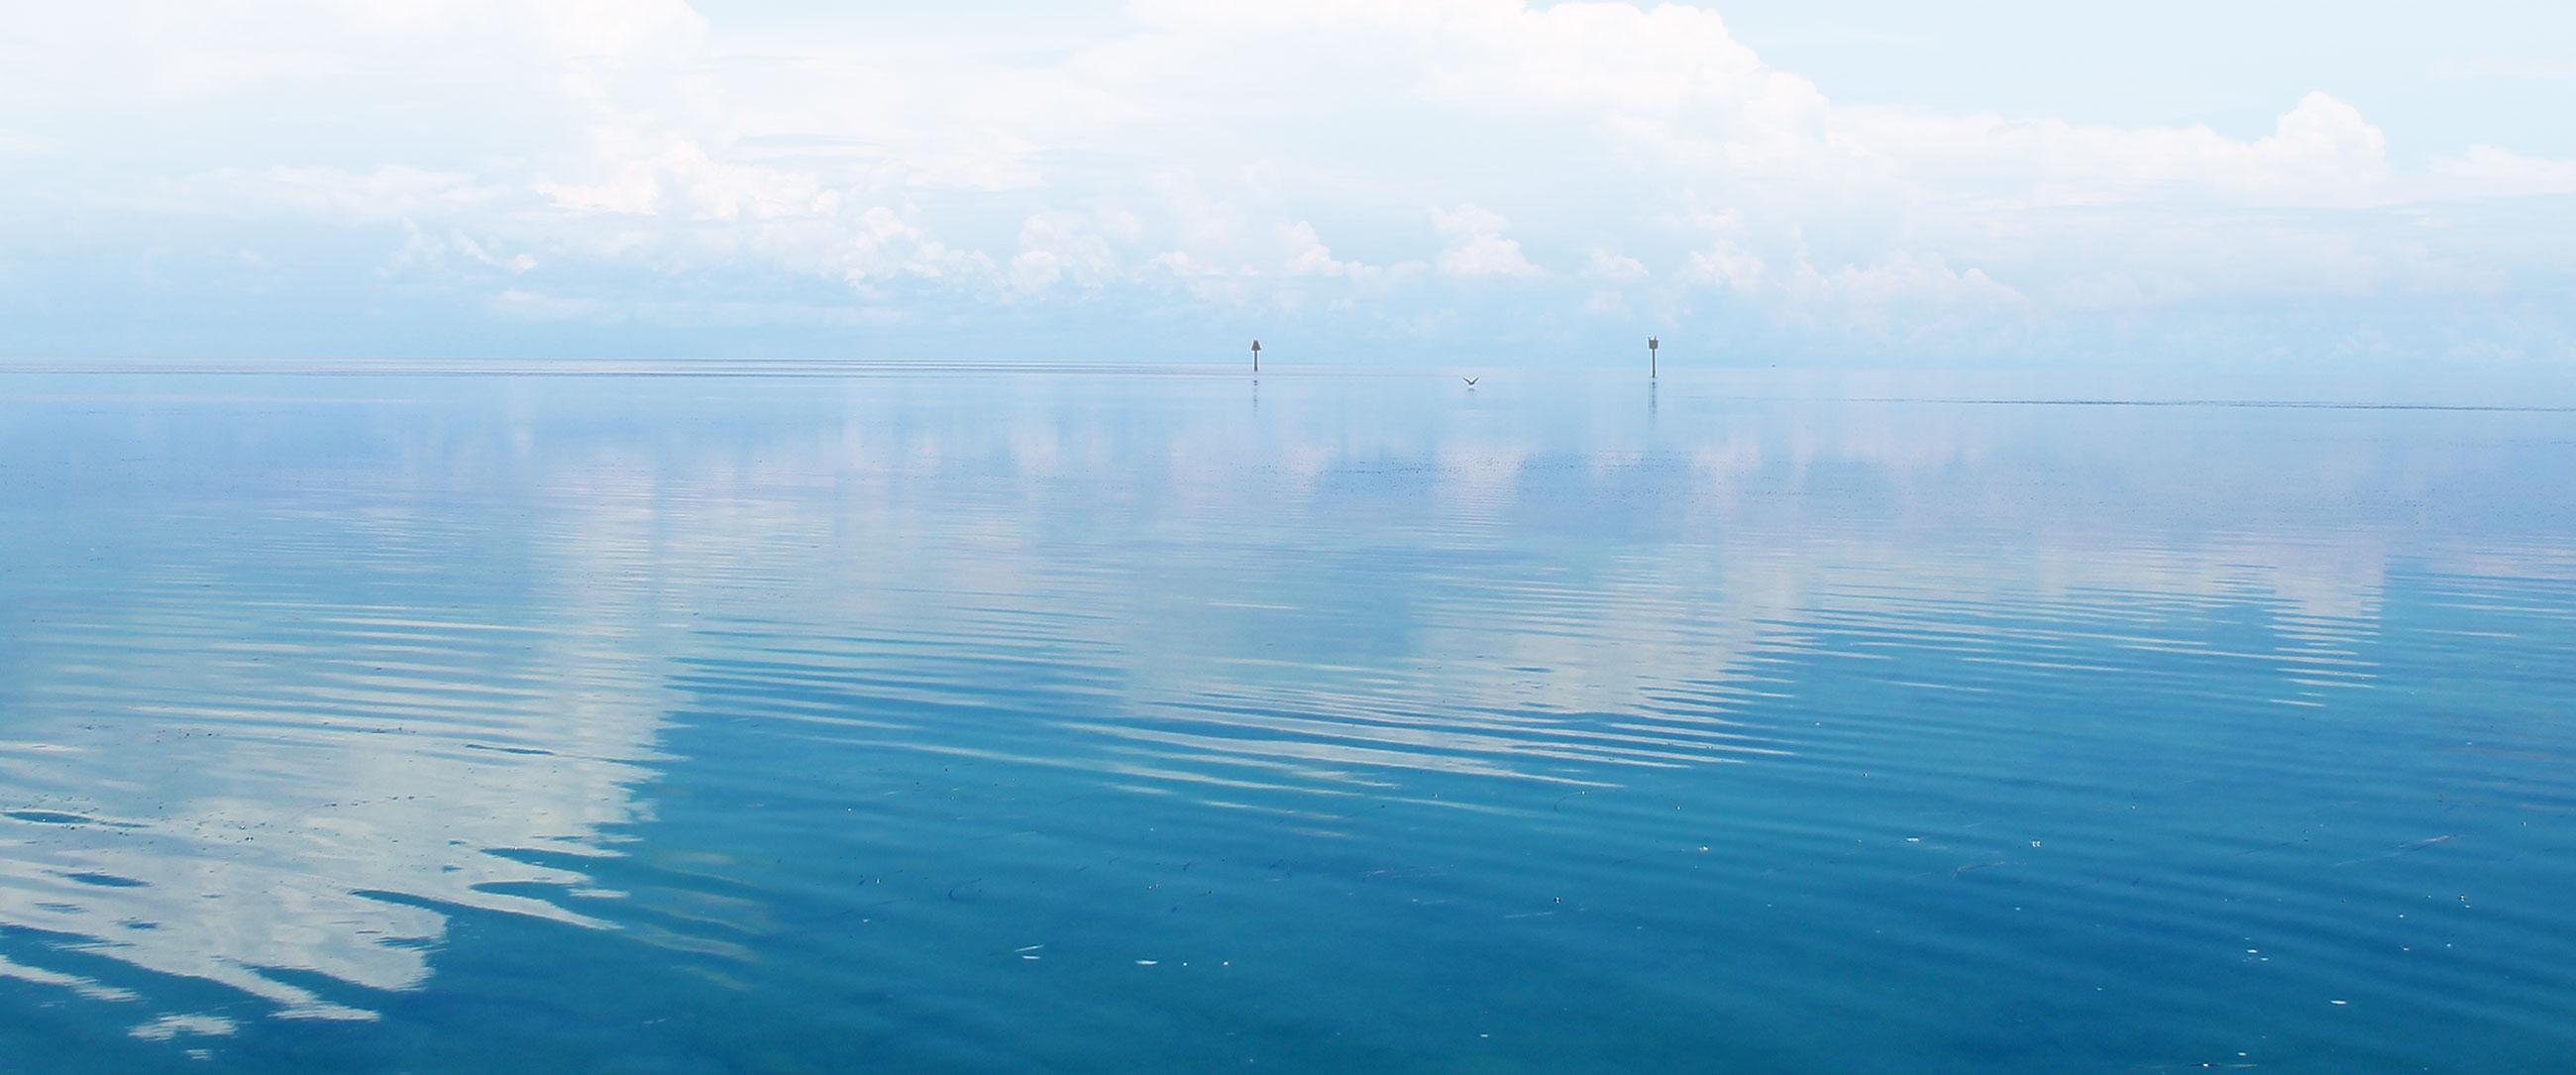 water-bg[2]